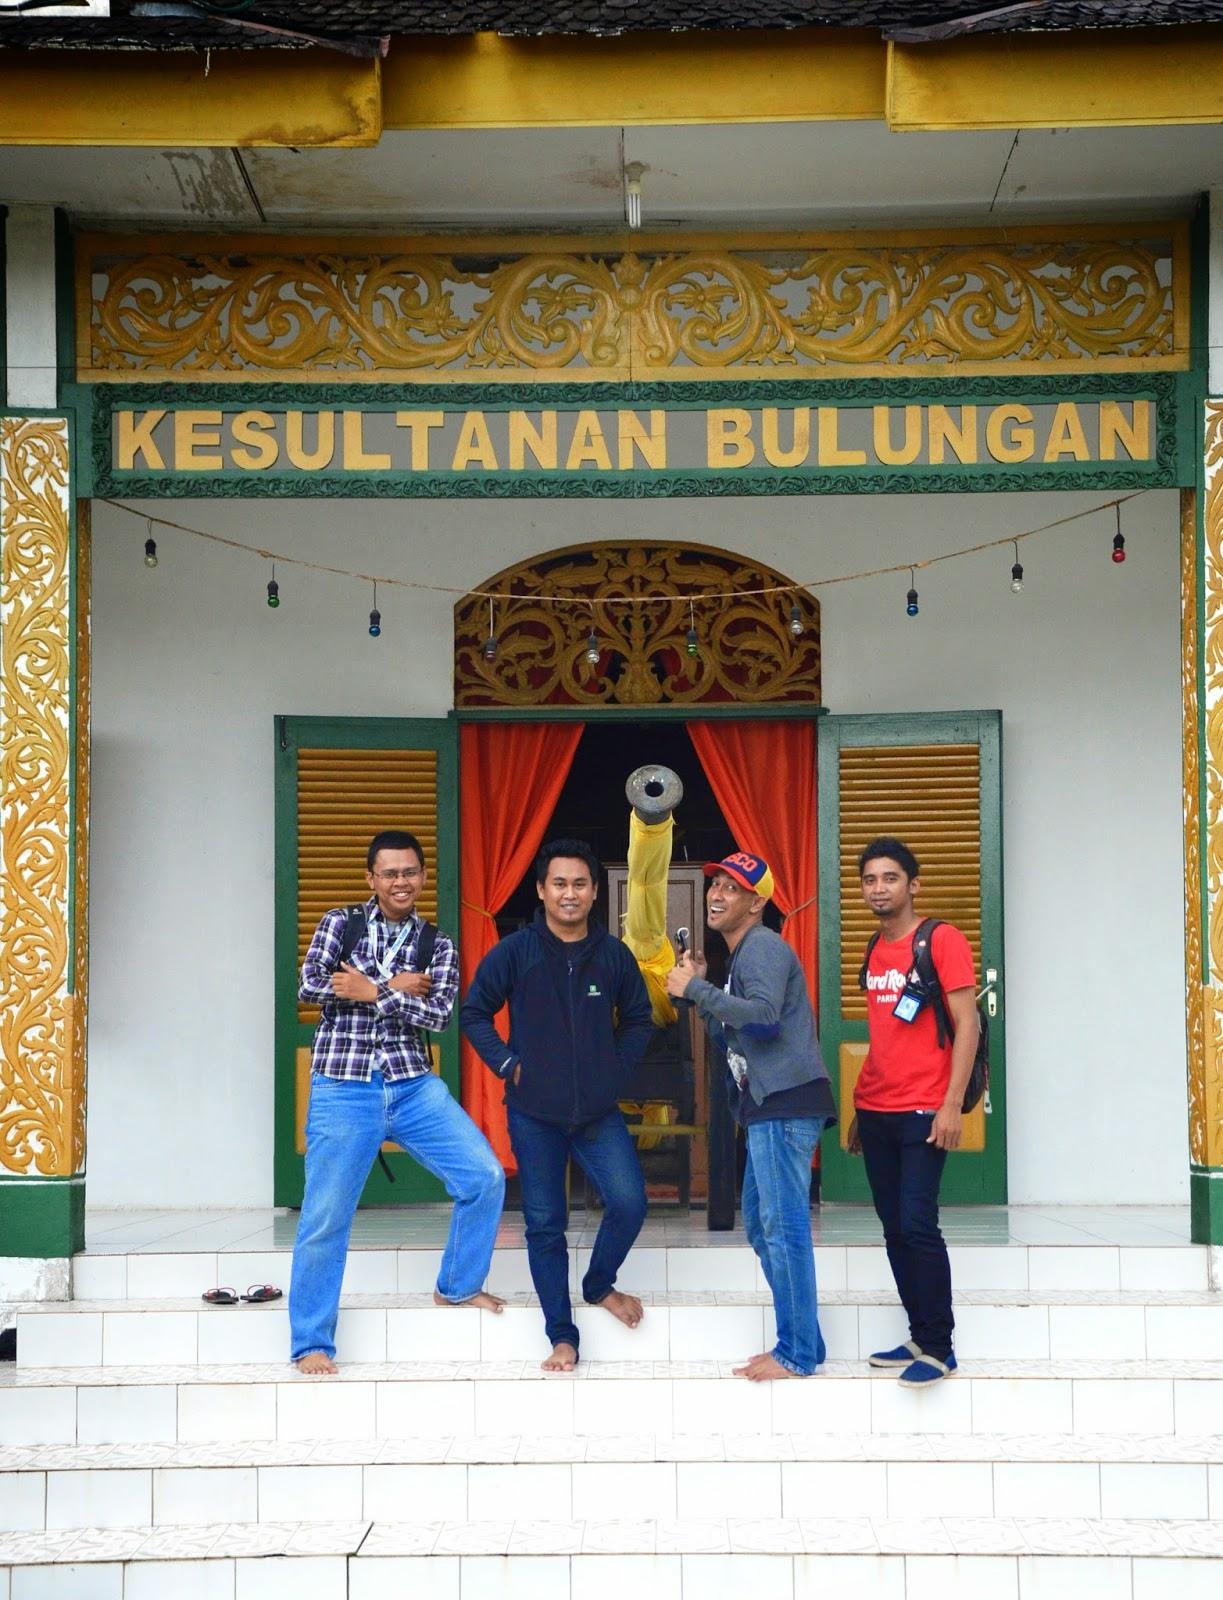 Jongfajar Kelana Singgah Istana Sultan Bulungan Usai Berhasil Menyeberangi Sungai